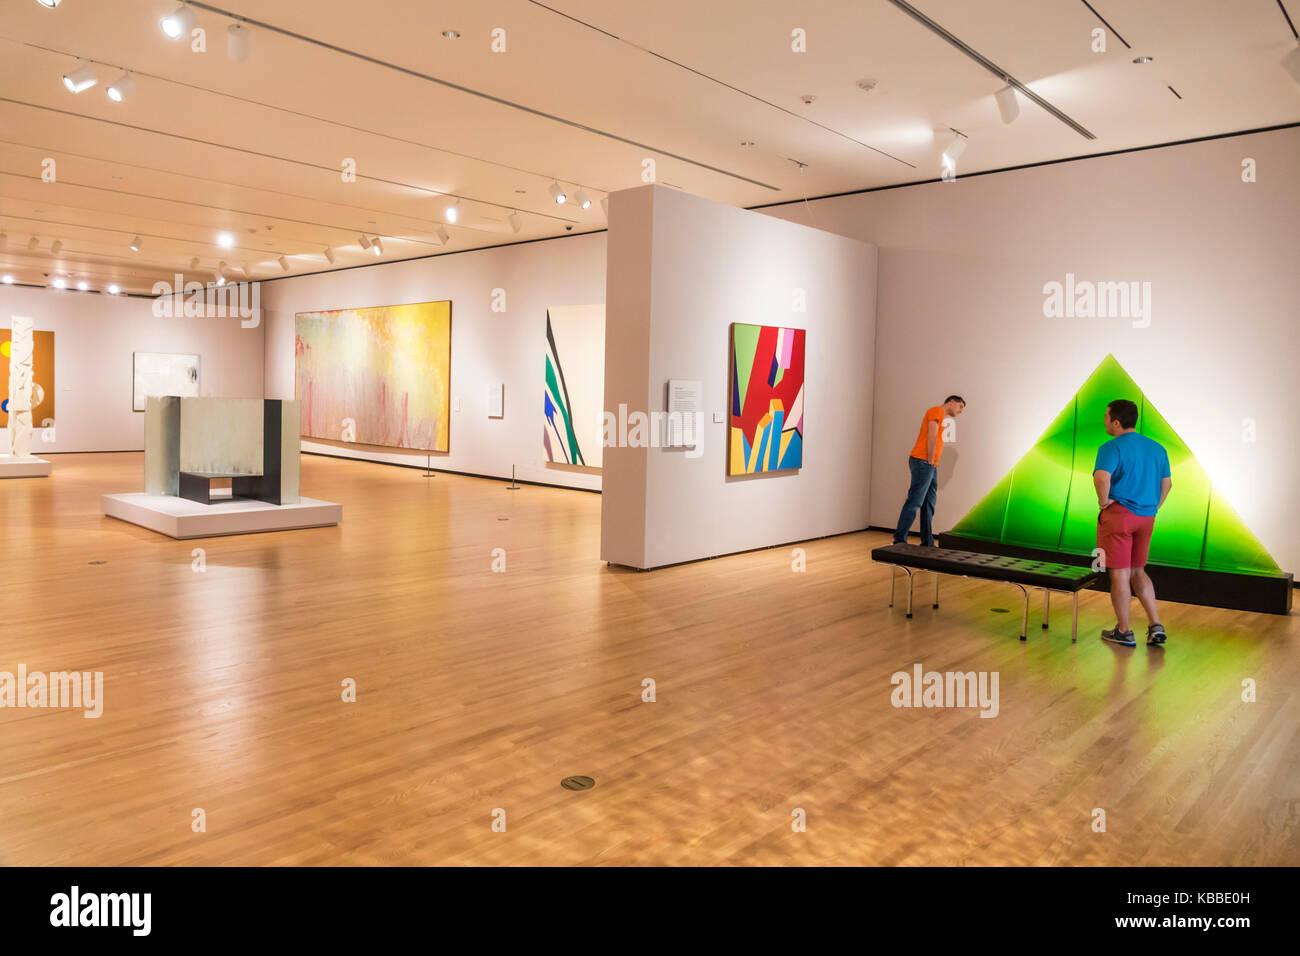 Norfolk virginia chrysler museum der kunst moderne zeitgenössische